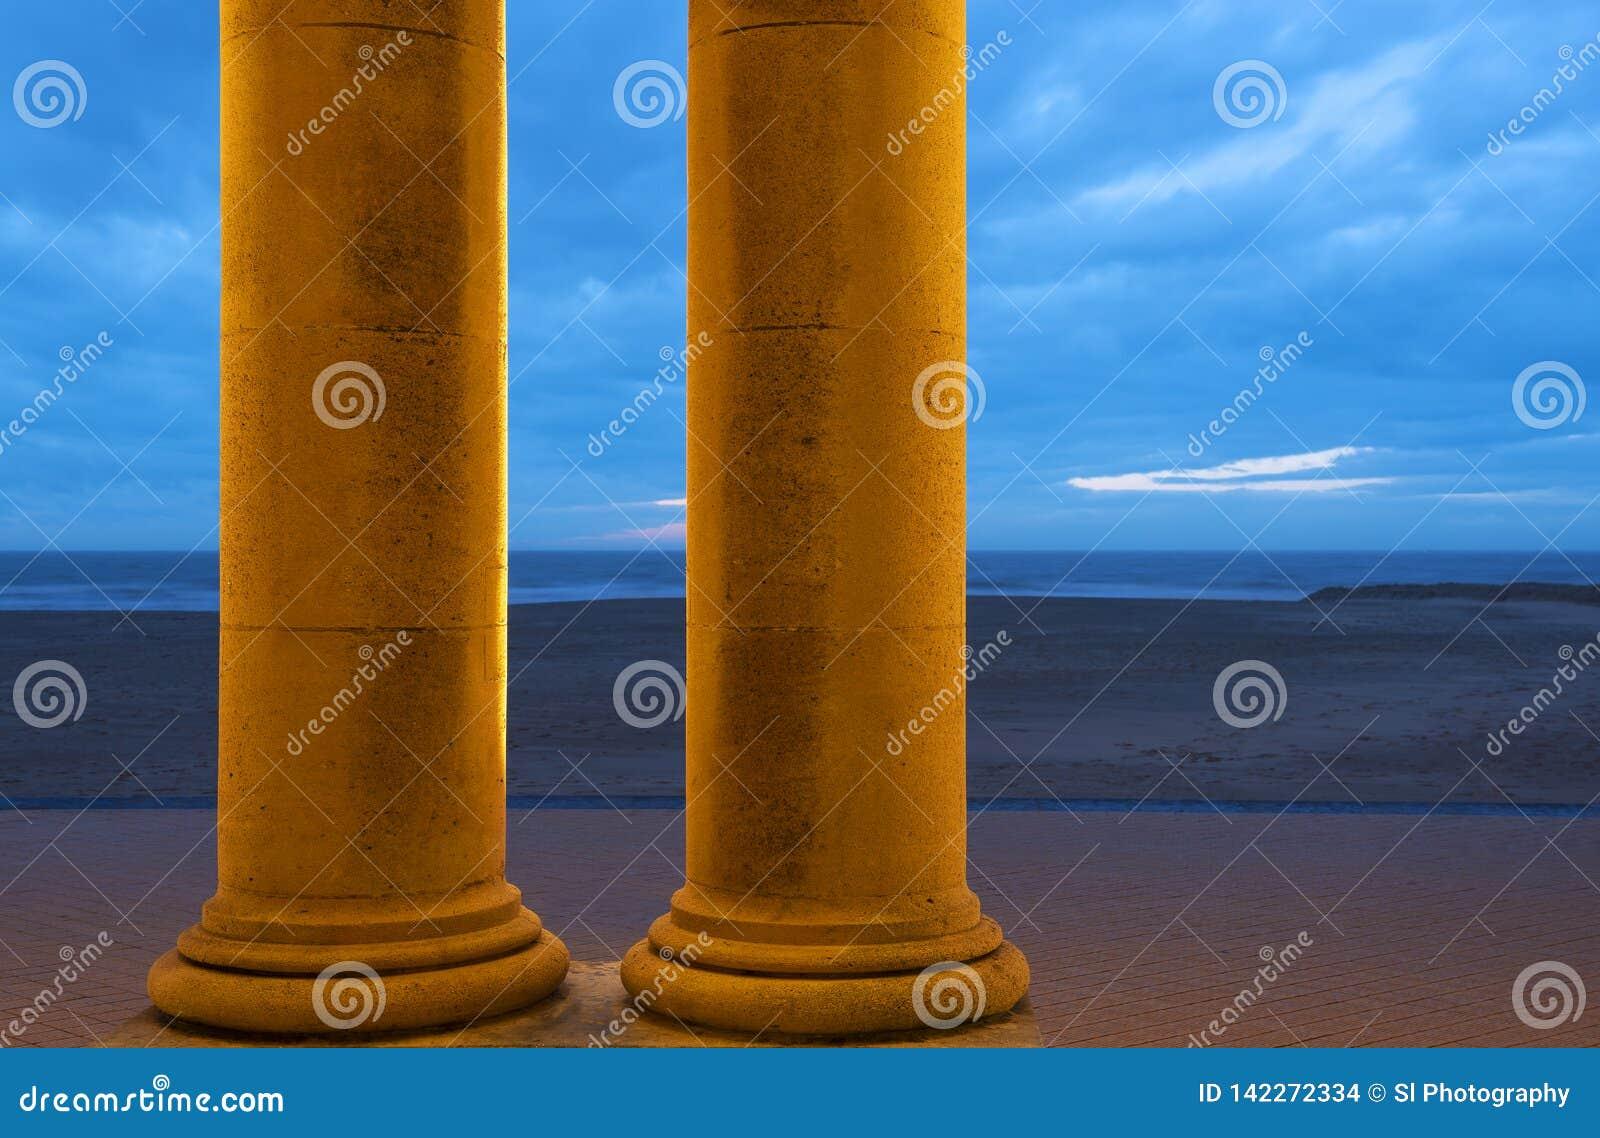 Noordzeestrand van Oostende met kolommen, België